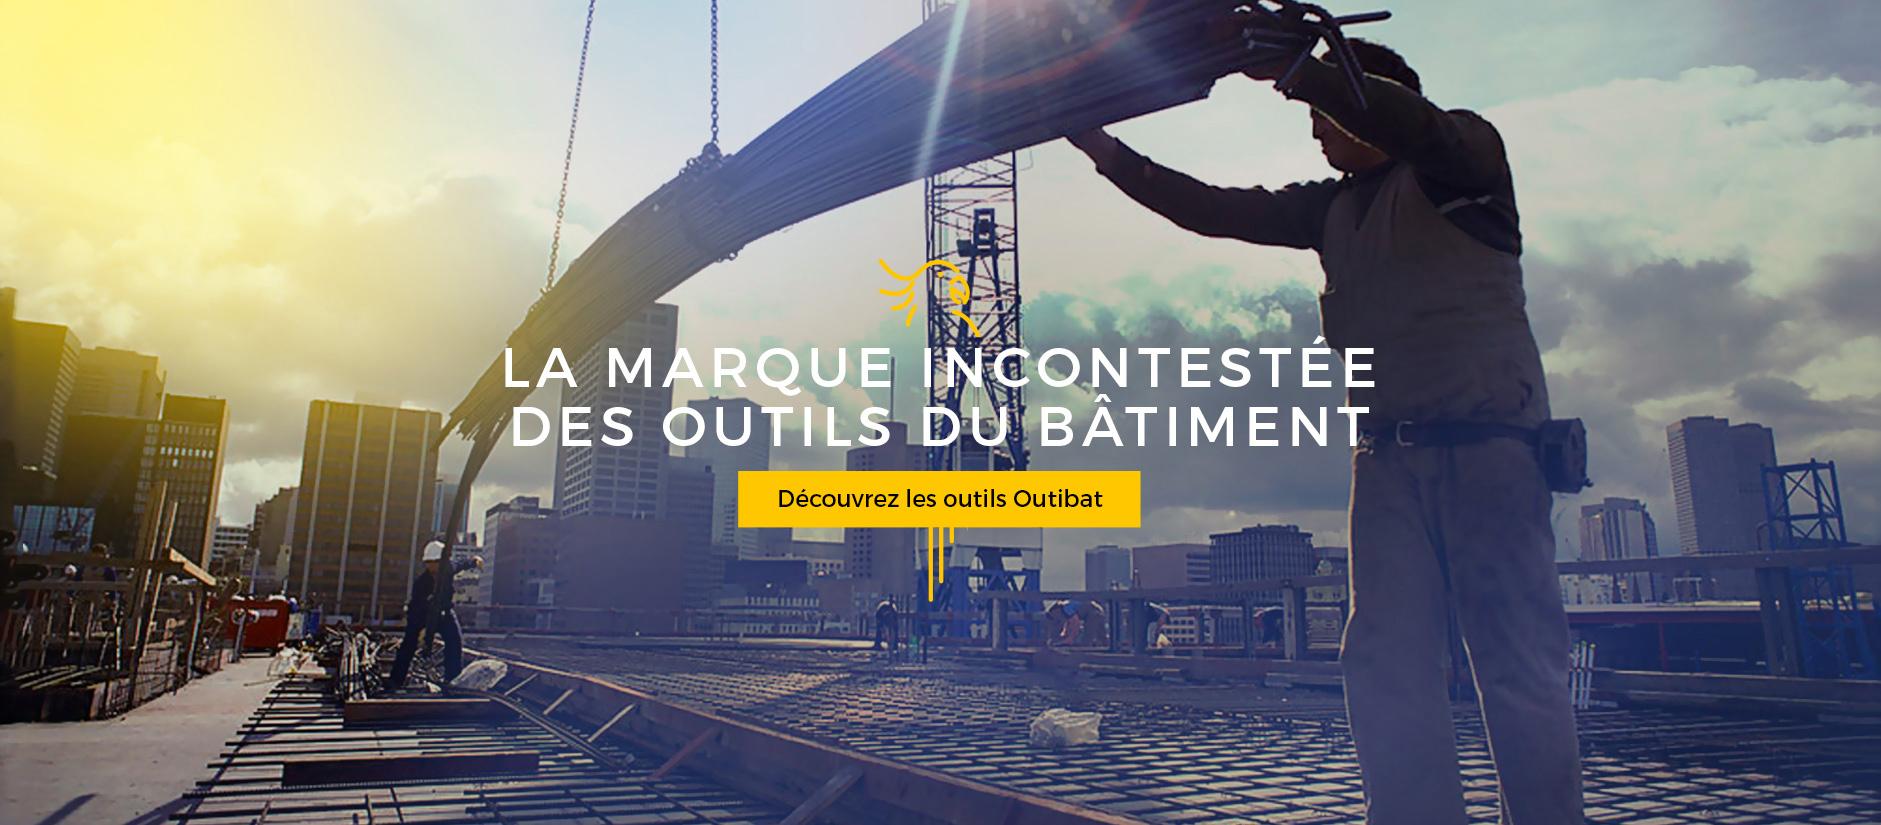 Outibat, l'esprit bâtiment - la marque incontestée des outils du bâtiment.